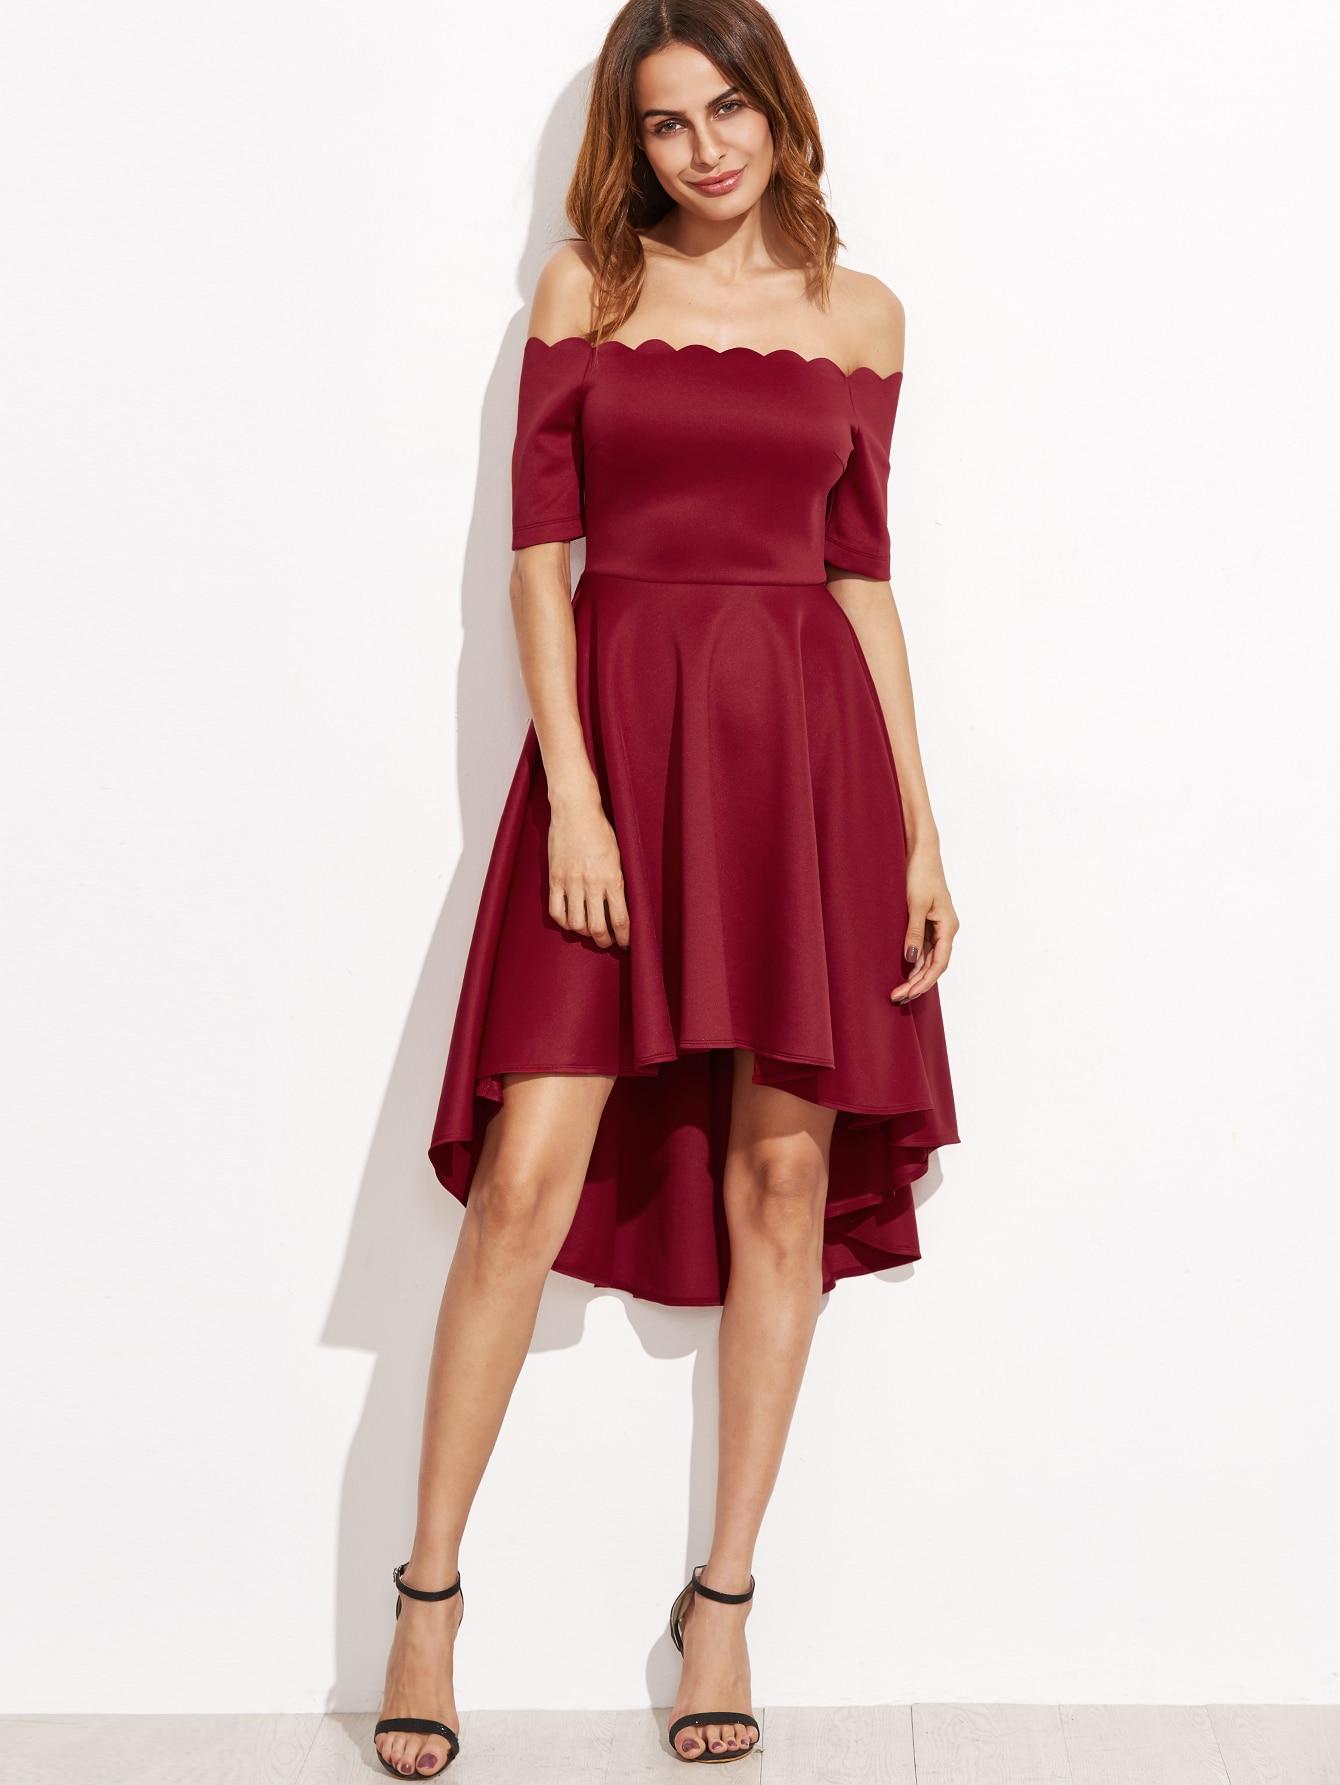 dress161010713_2